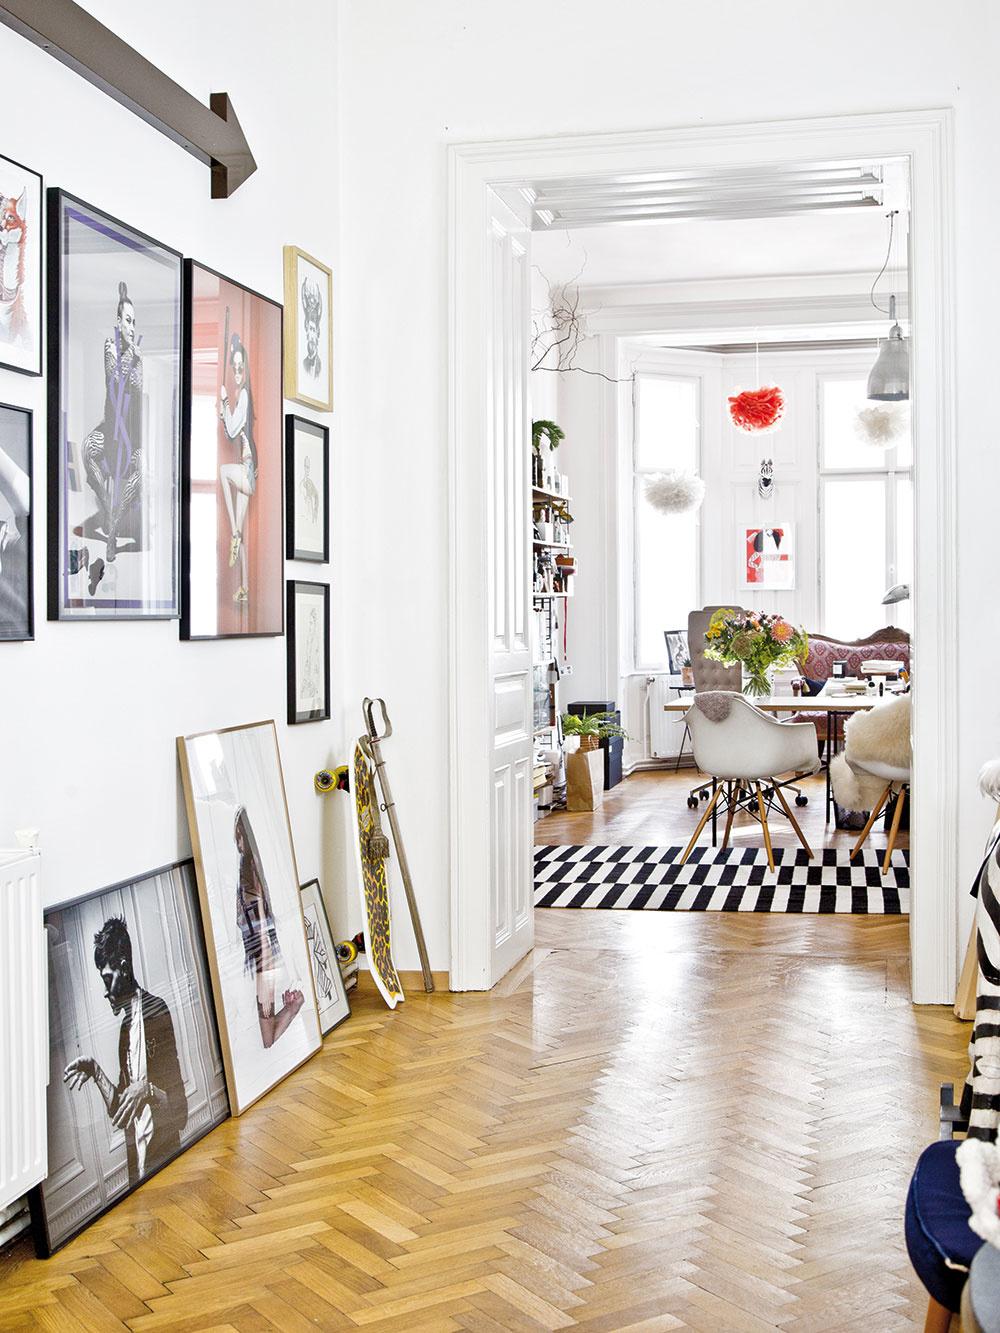 SNEHOVOBIELE STENY, DVERE A OKNÁ tvoria neutrálne pozadie pre štýlové doplnky, obrazy a solitéry, ktoré v tomto byte hrajú hlavnú úlohu.